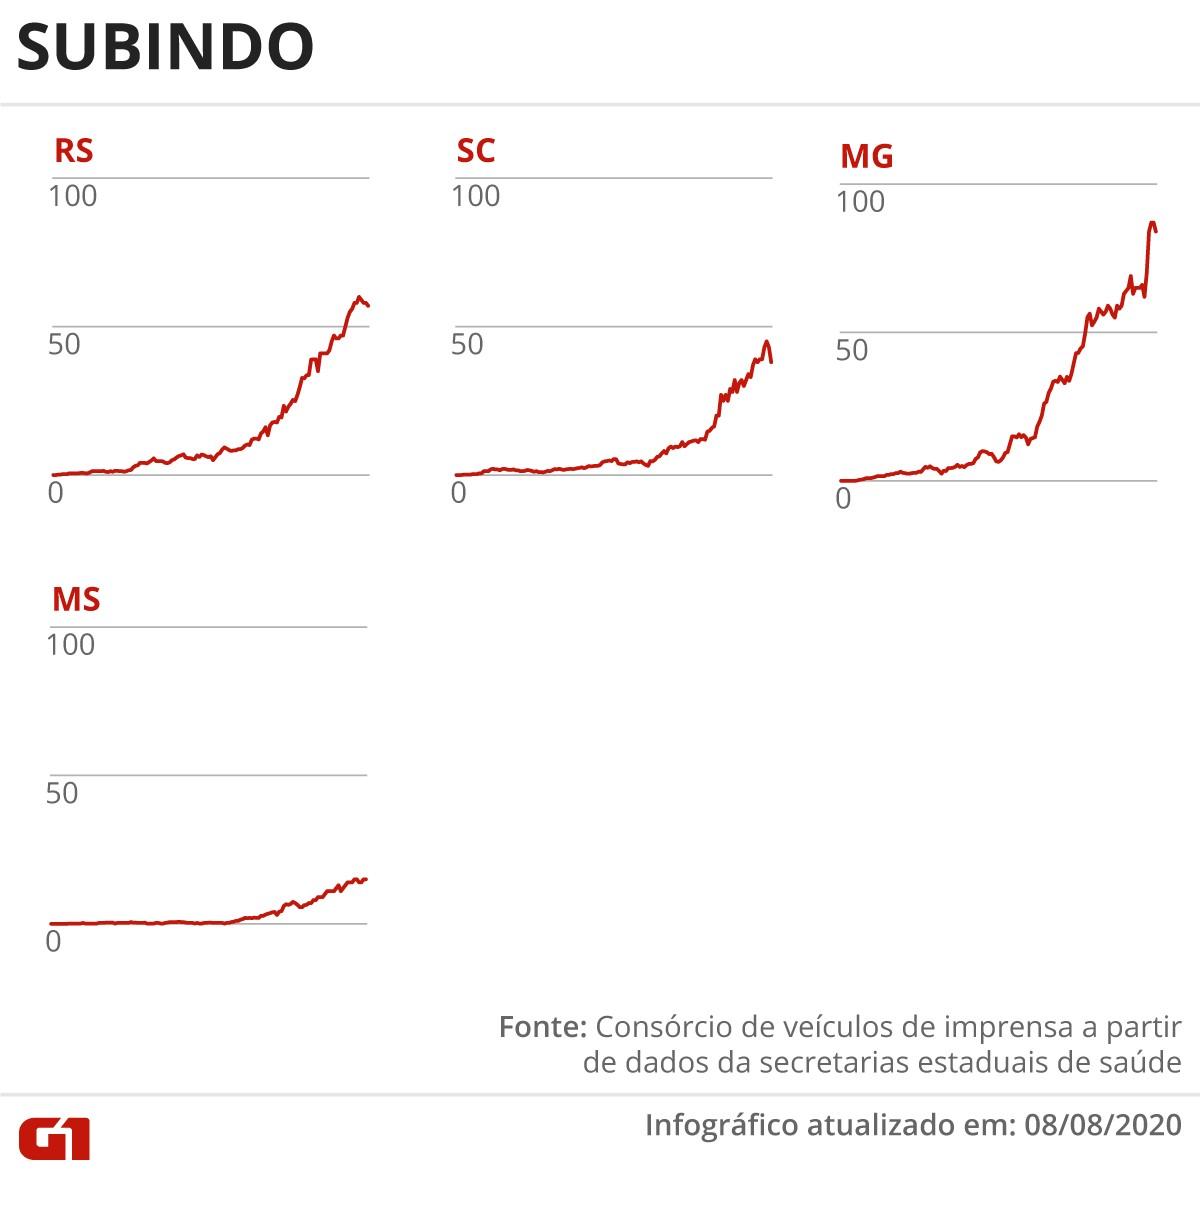 Casos e mortes por coronavírus no Brasil em 9 de agosto, segundo consórcio de veículos de imprensa (atualização das 8h)